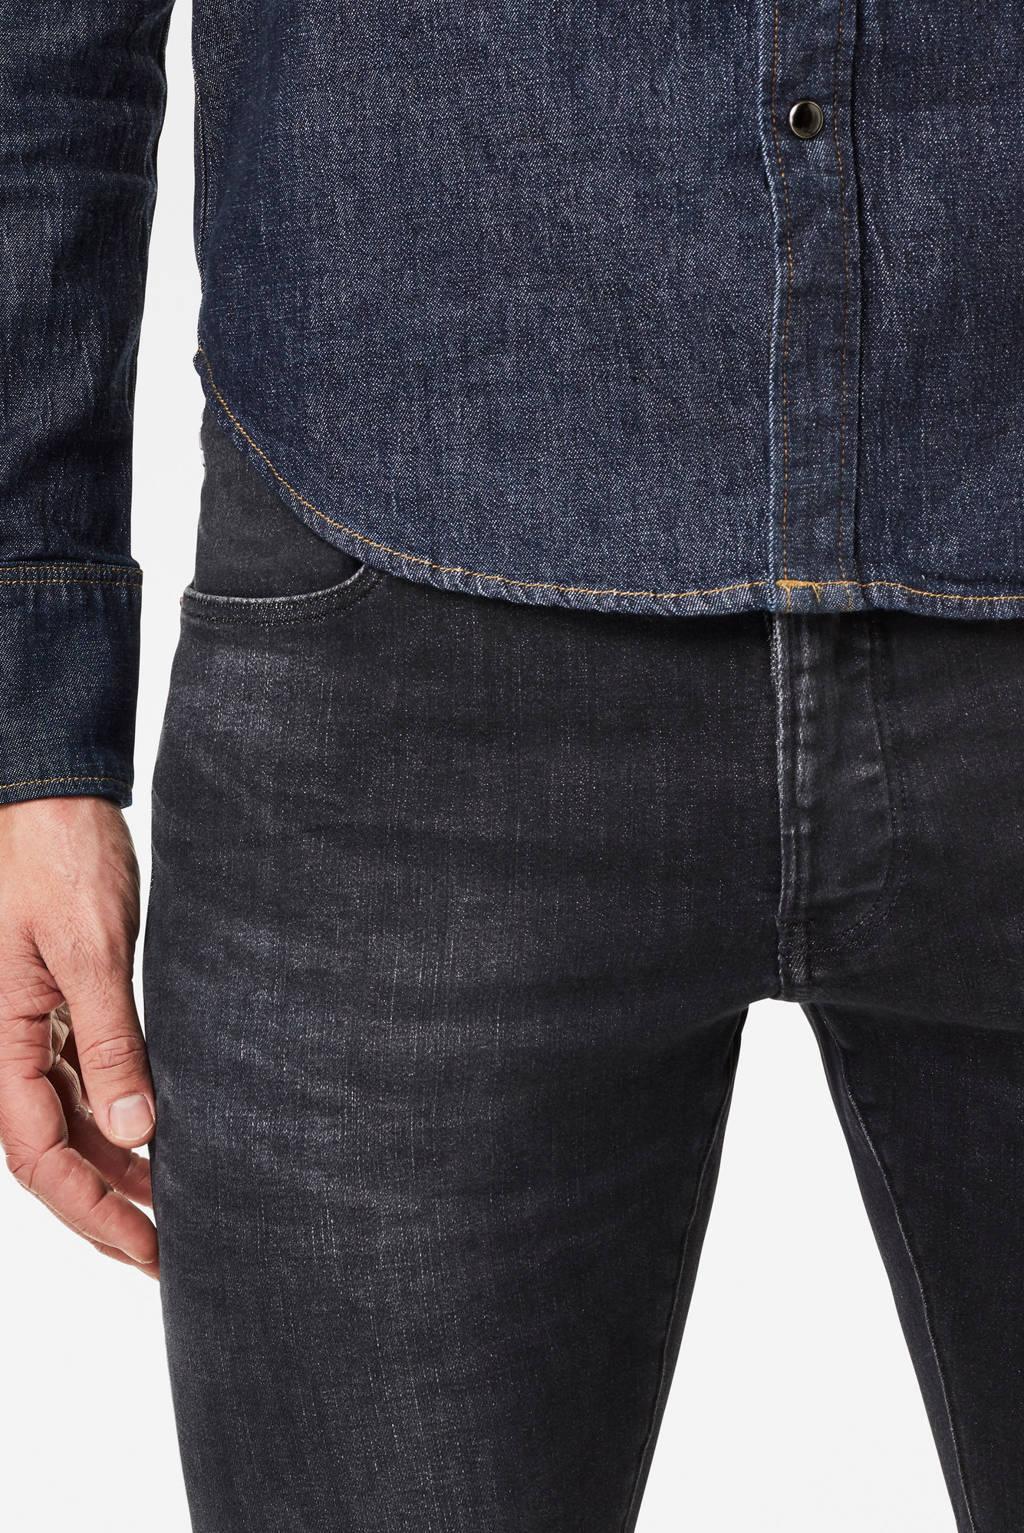 G-Star RAW slim fit jeans D-staq medium aged faded, A592 Medium Aged Faded